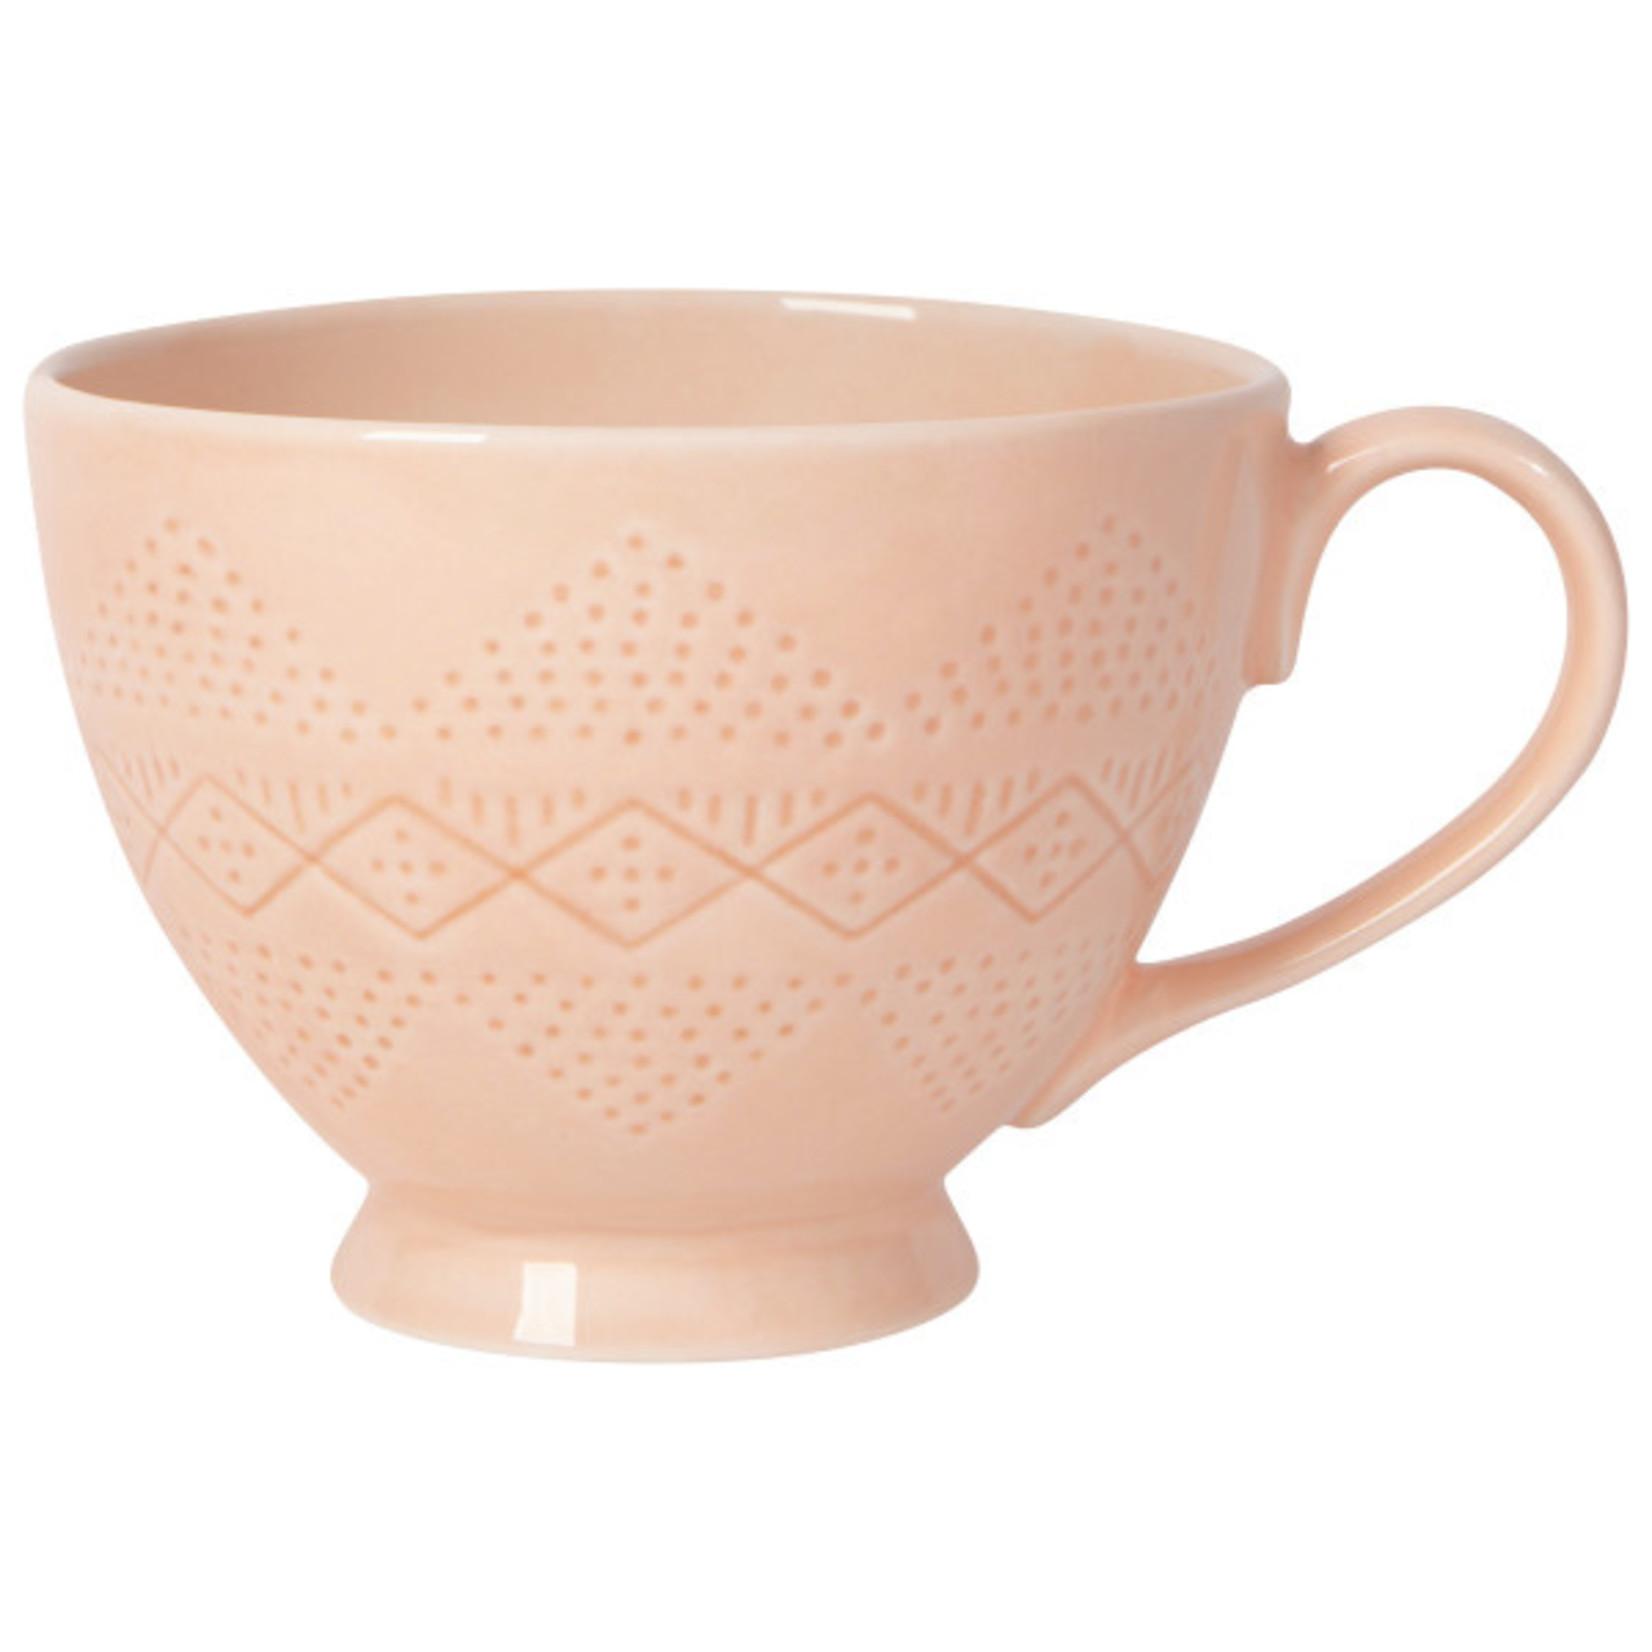 Now Designs Adorn Mug